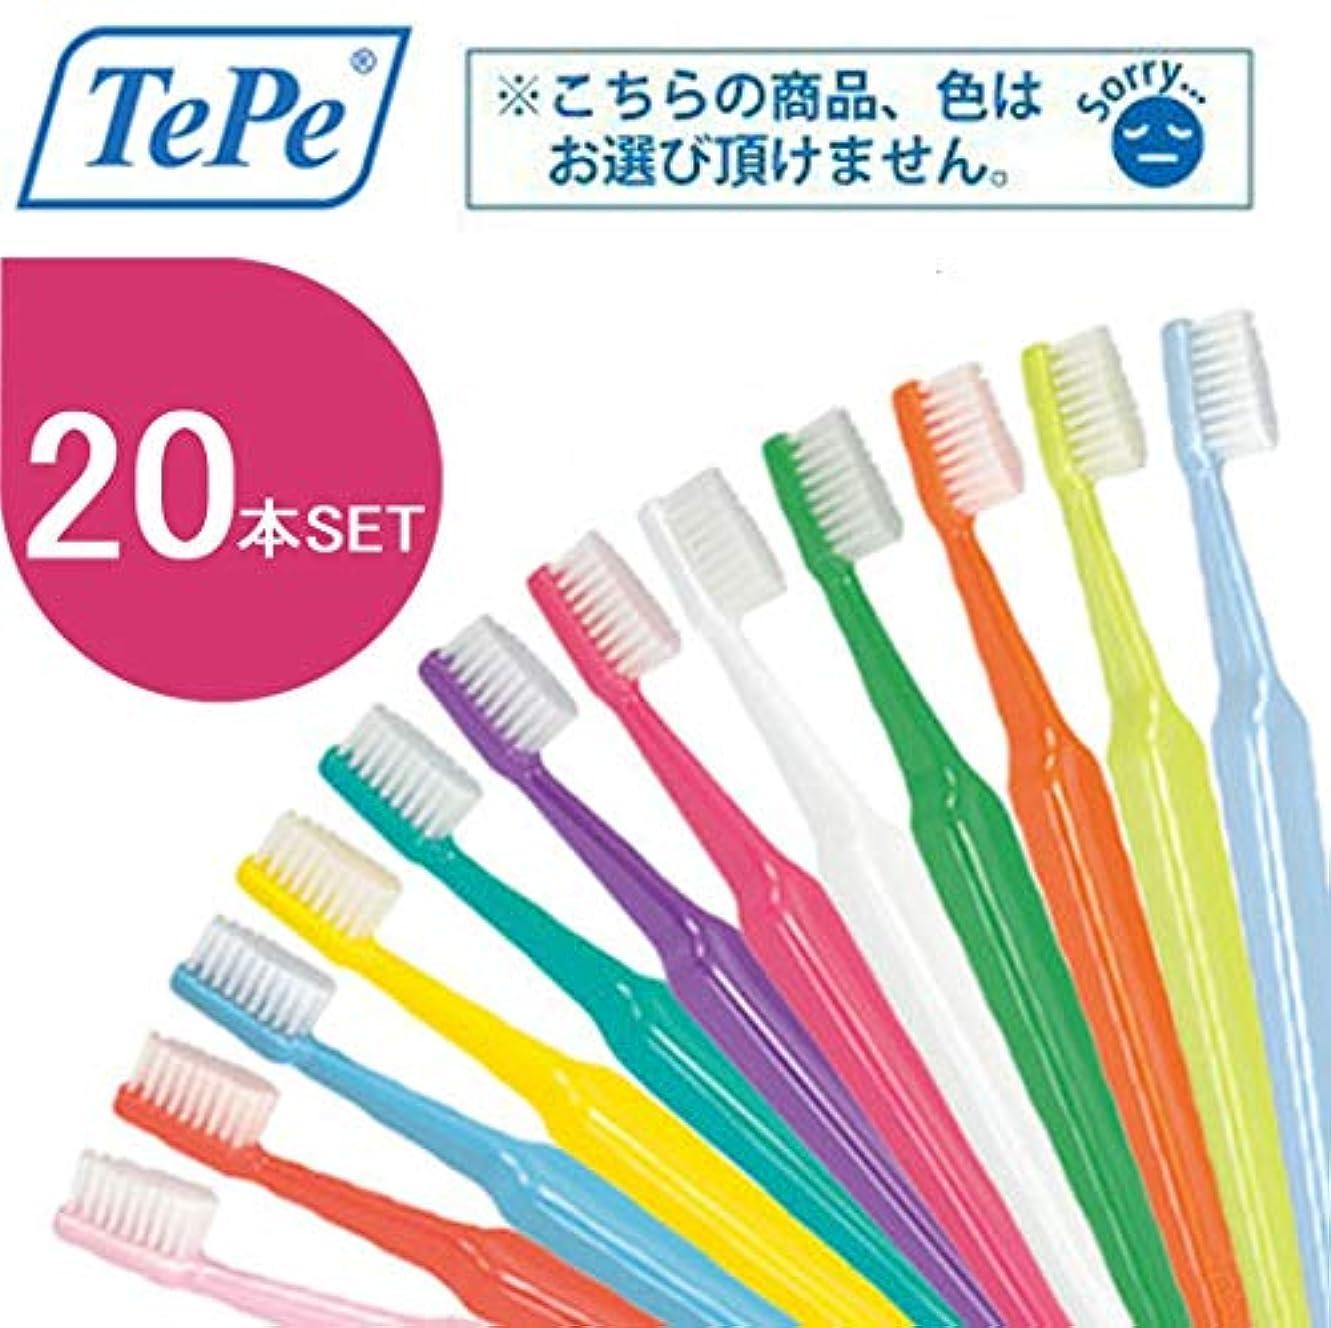 インセンティブ疑わしい検索エンジンマーケティングクロスフィールド TePe テペ セレクト 歯ブラシ 20本 (ソフト)